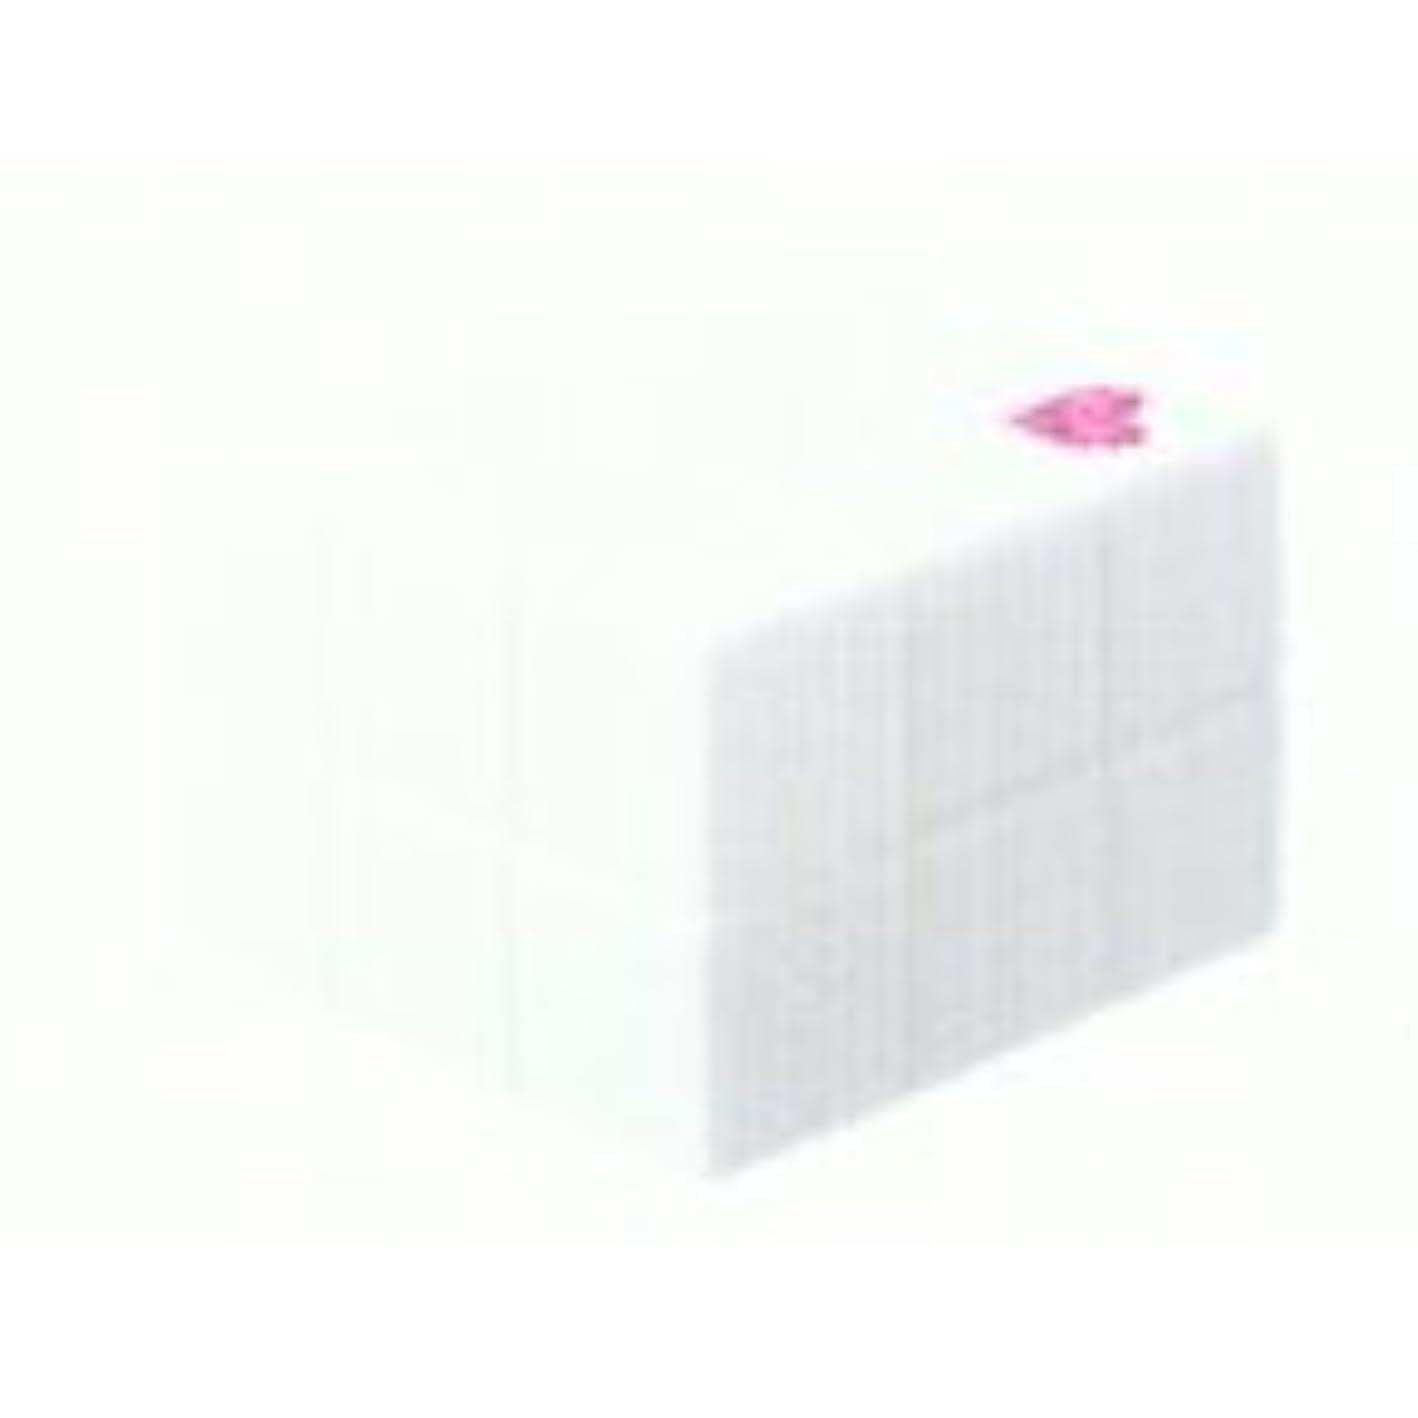 余韻カウントアップデマンドアリミノ ピース グロスワックス40g(ホワイト)